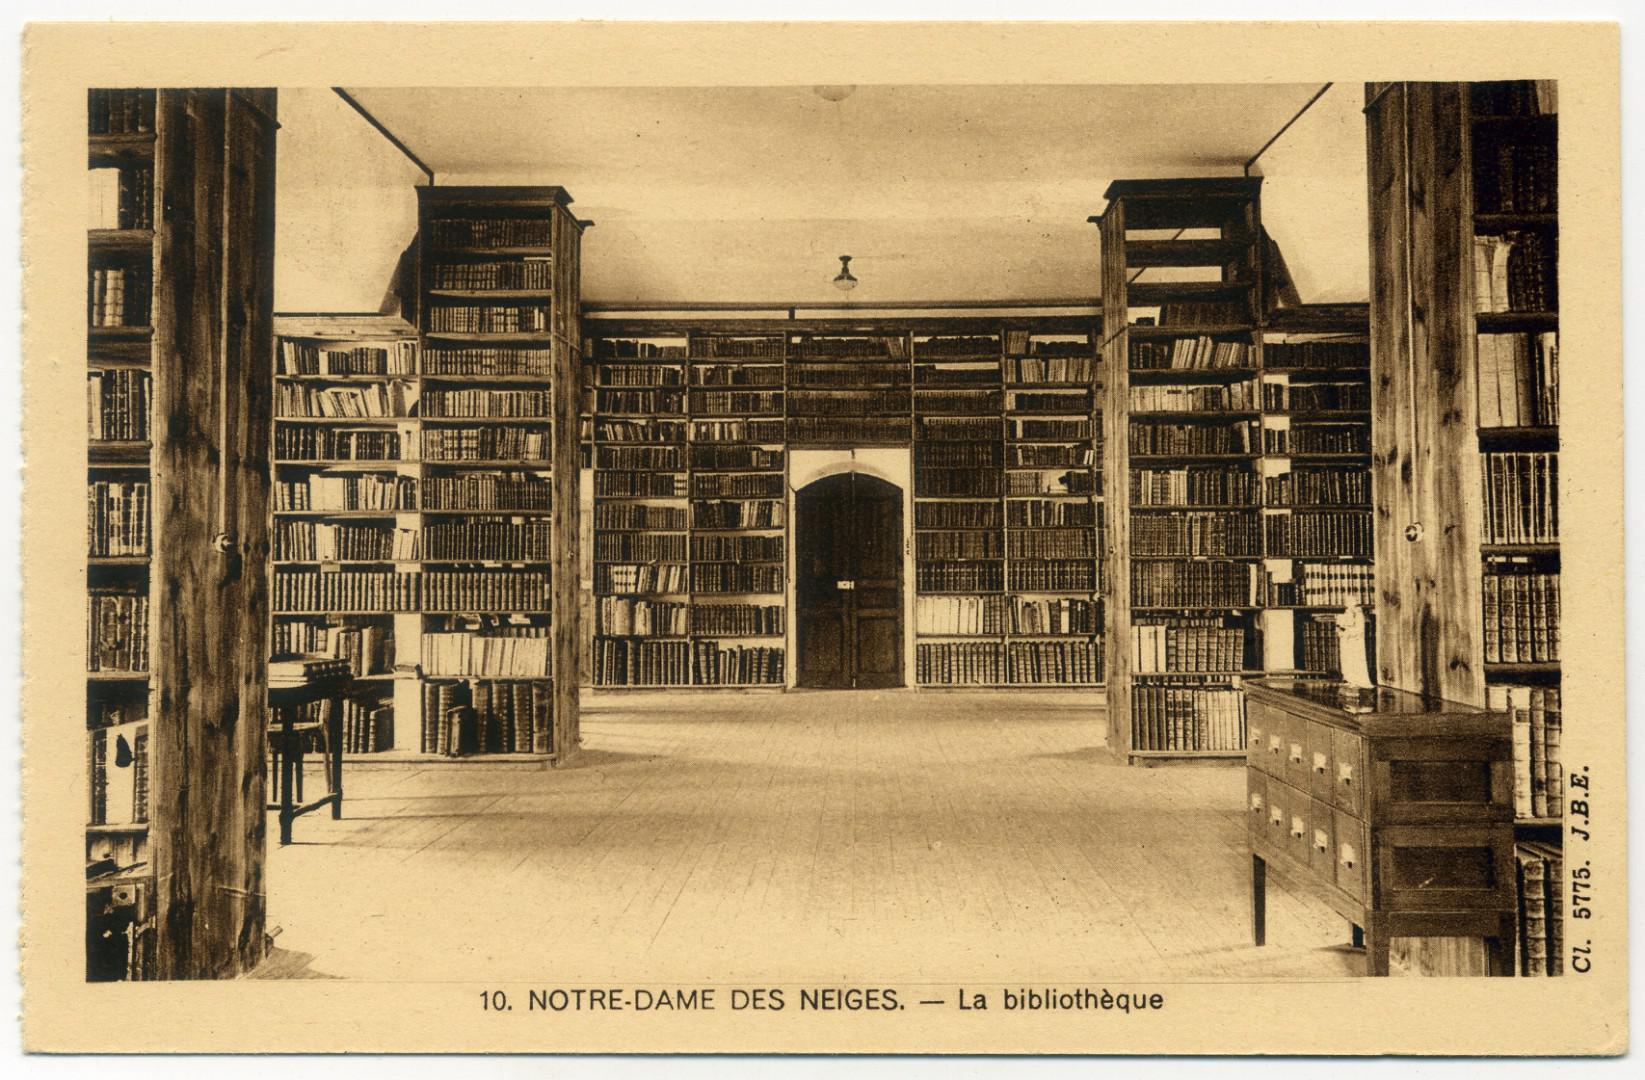 Saint-Laurent-les-Bains: Notre-Dame-des-Neiges, Bibliothek